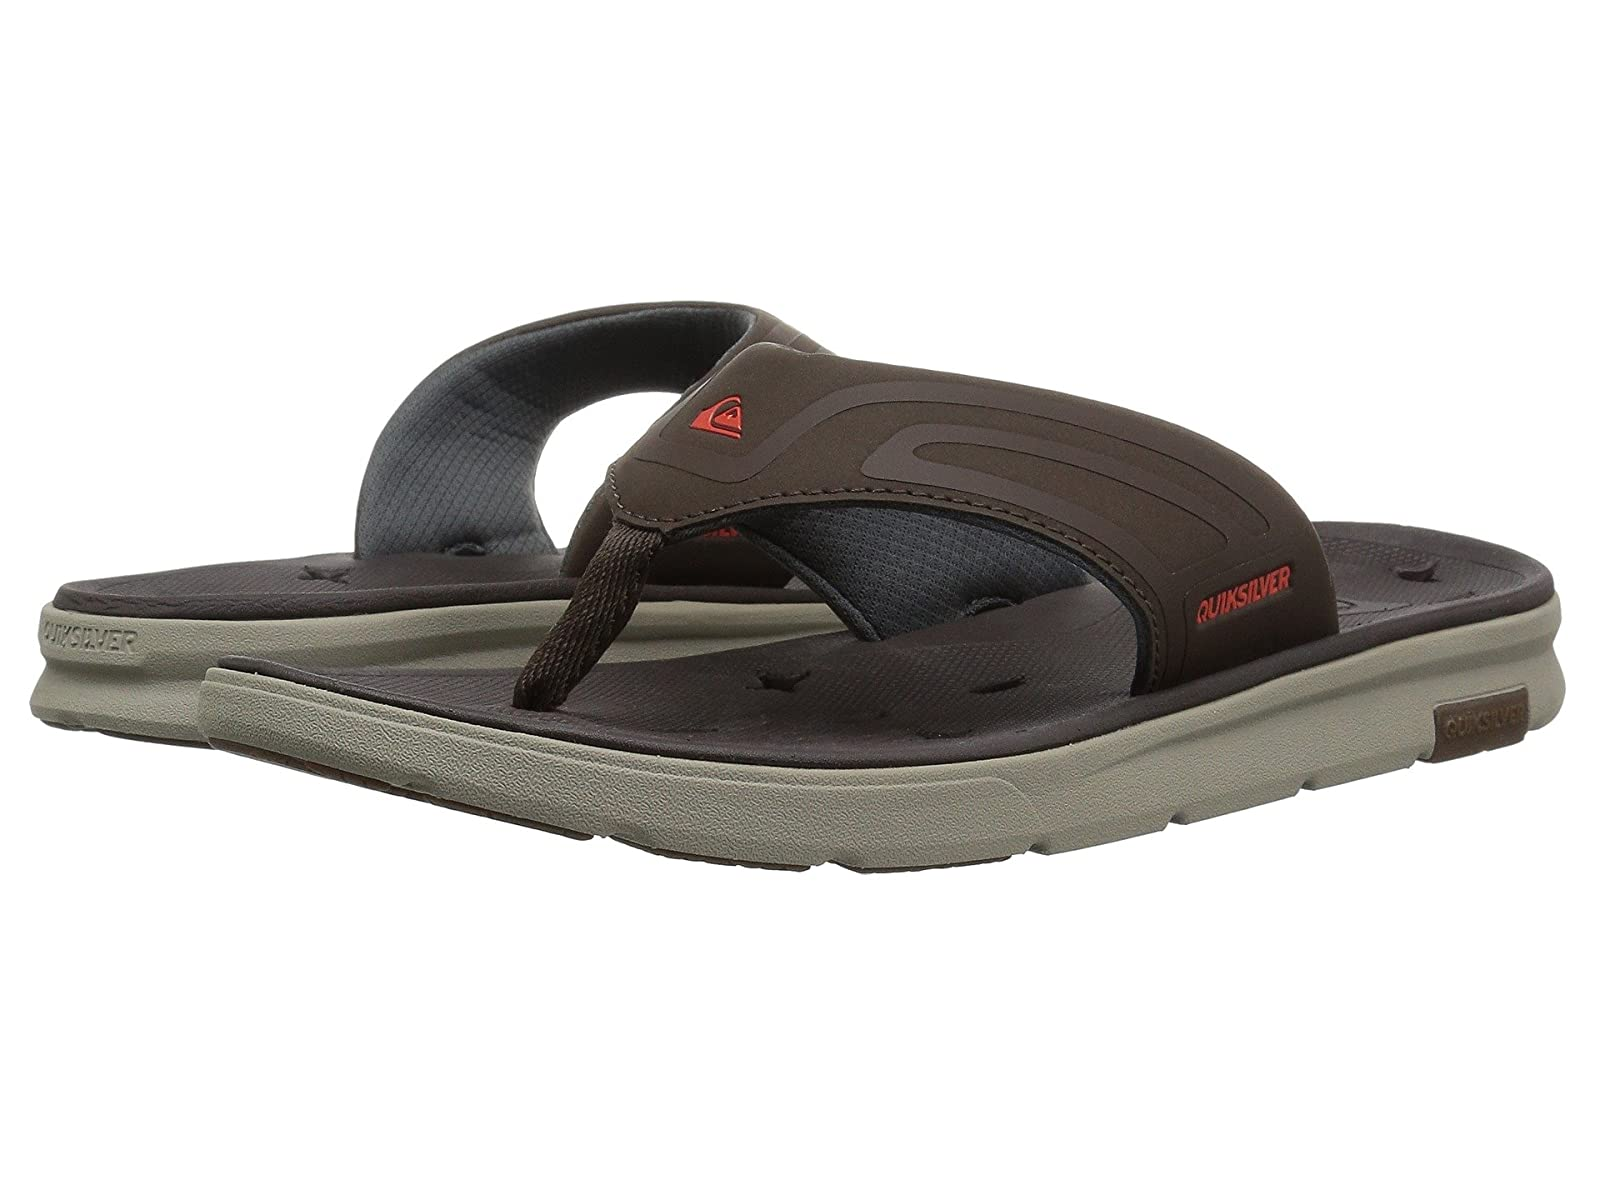 Quiksilver Amphibian Plus SandalAtmospheric grades have affordable shoes